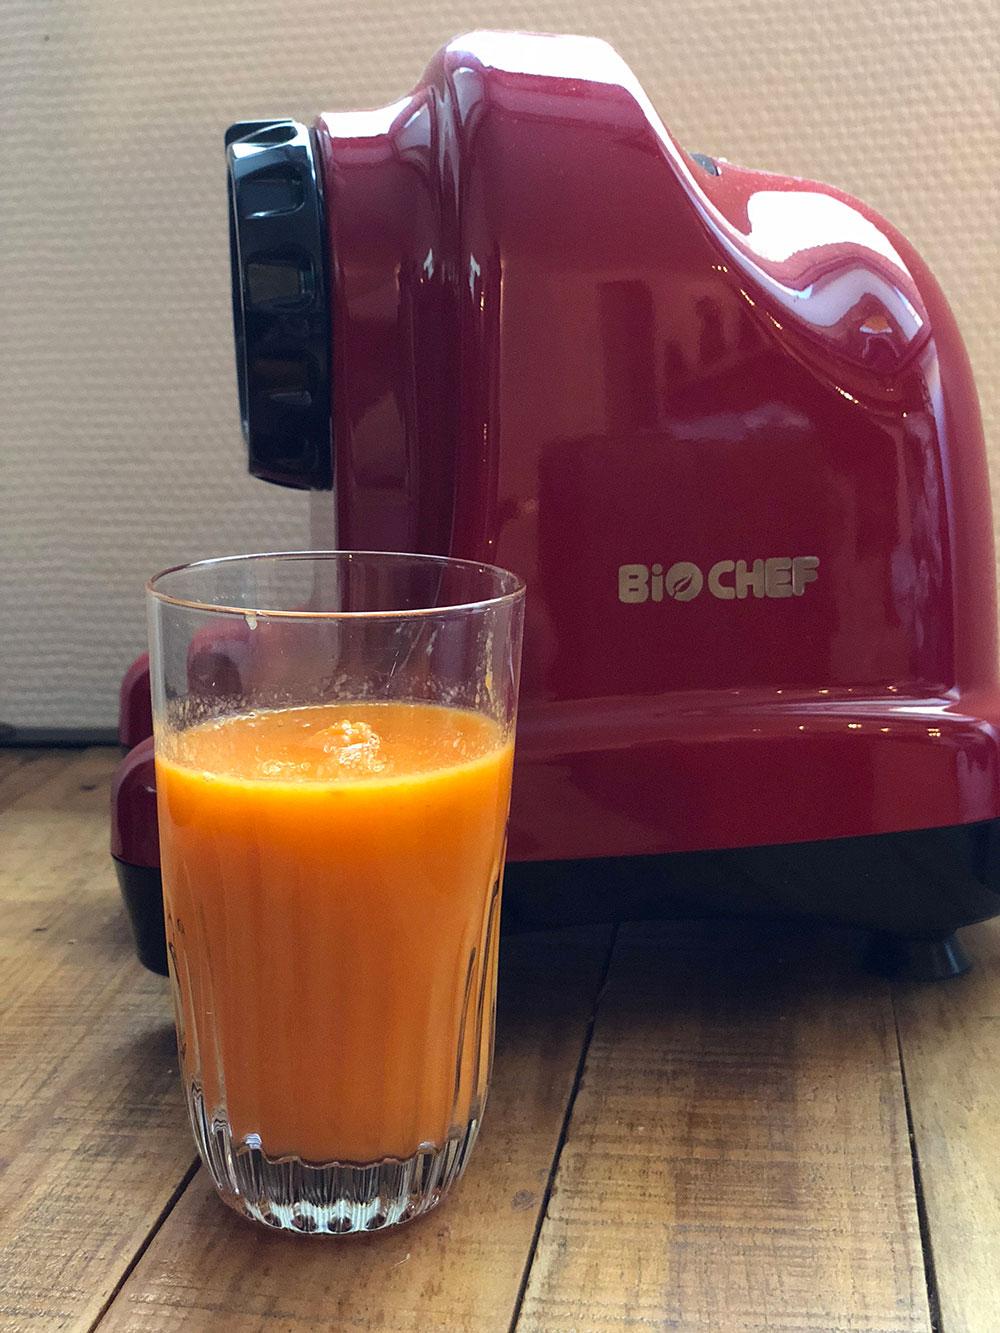 jus de fruits frais avec extracteur biochef